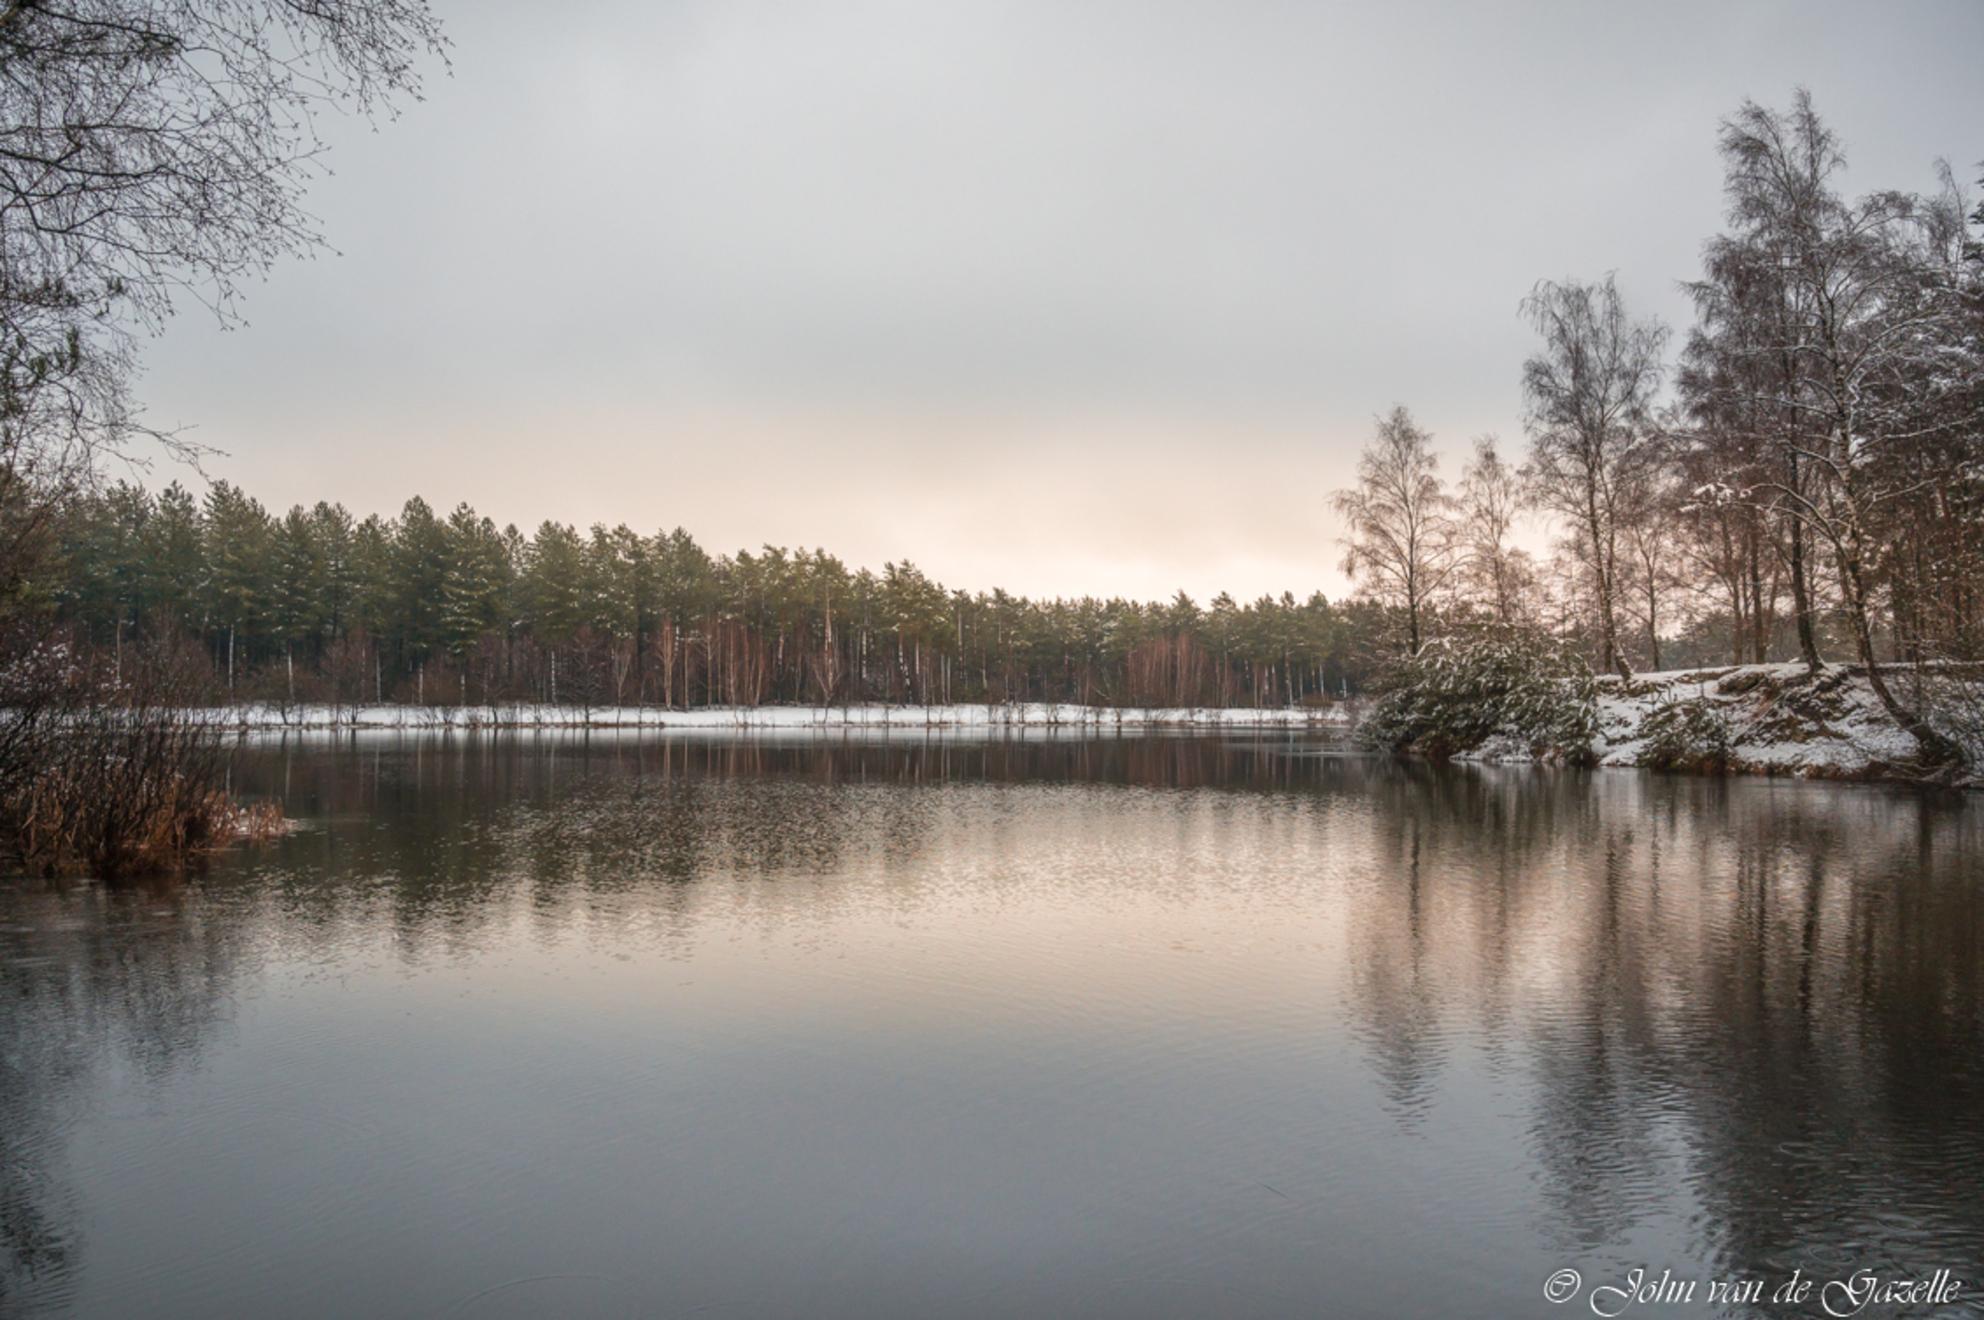 Winter sunrise Tevernerheide - Winter in de Teverner heide.  Bedankt, voor jullie fijne reacties. Groet, John. - foto door JvandeGazelle op 29-01-2021 - deze foto bevat: lucht, wolken, water, natuur, licht, sneeuw, winter, spiegeling, landschap, heide, bos, tegenlicht, zonsopkomst, bomen, ven, morgenrood, sfeervol, john van de gazelle, tevernerheide - Deze foto mag gebruikt worden in een Zoom.nl publicatie